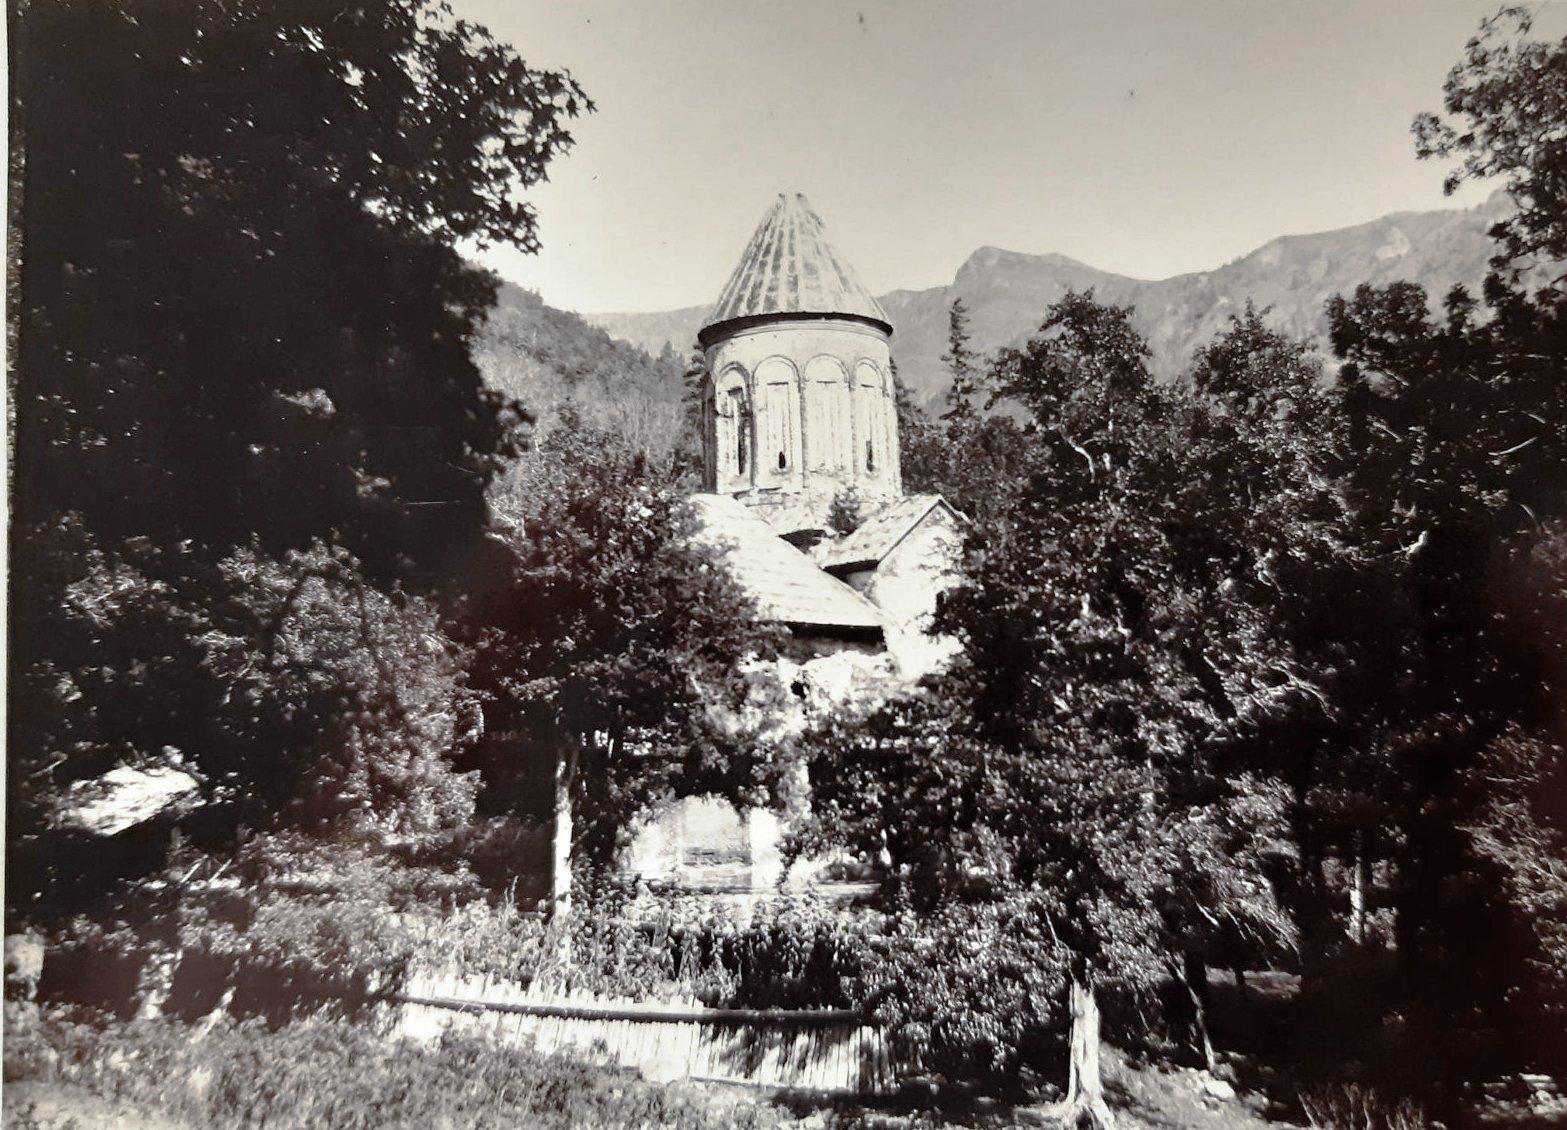 31. Вид храма Тимотесубани (Успения Пресвятой Богородицы)